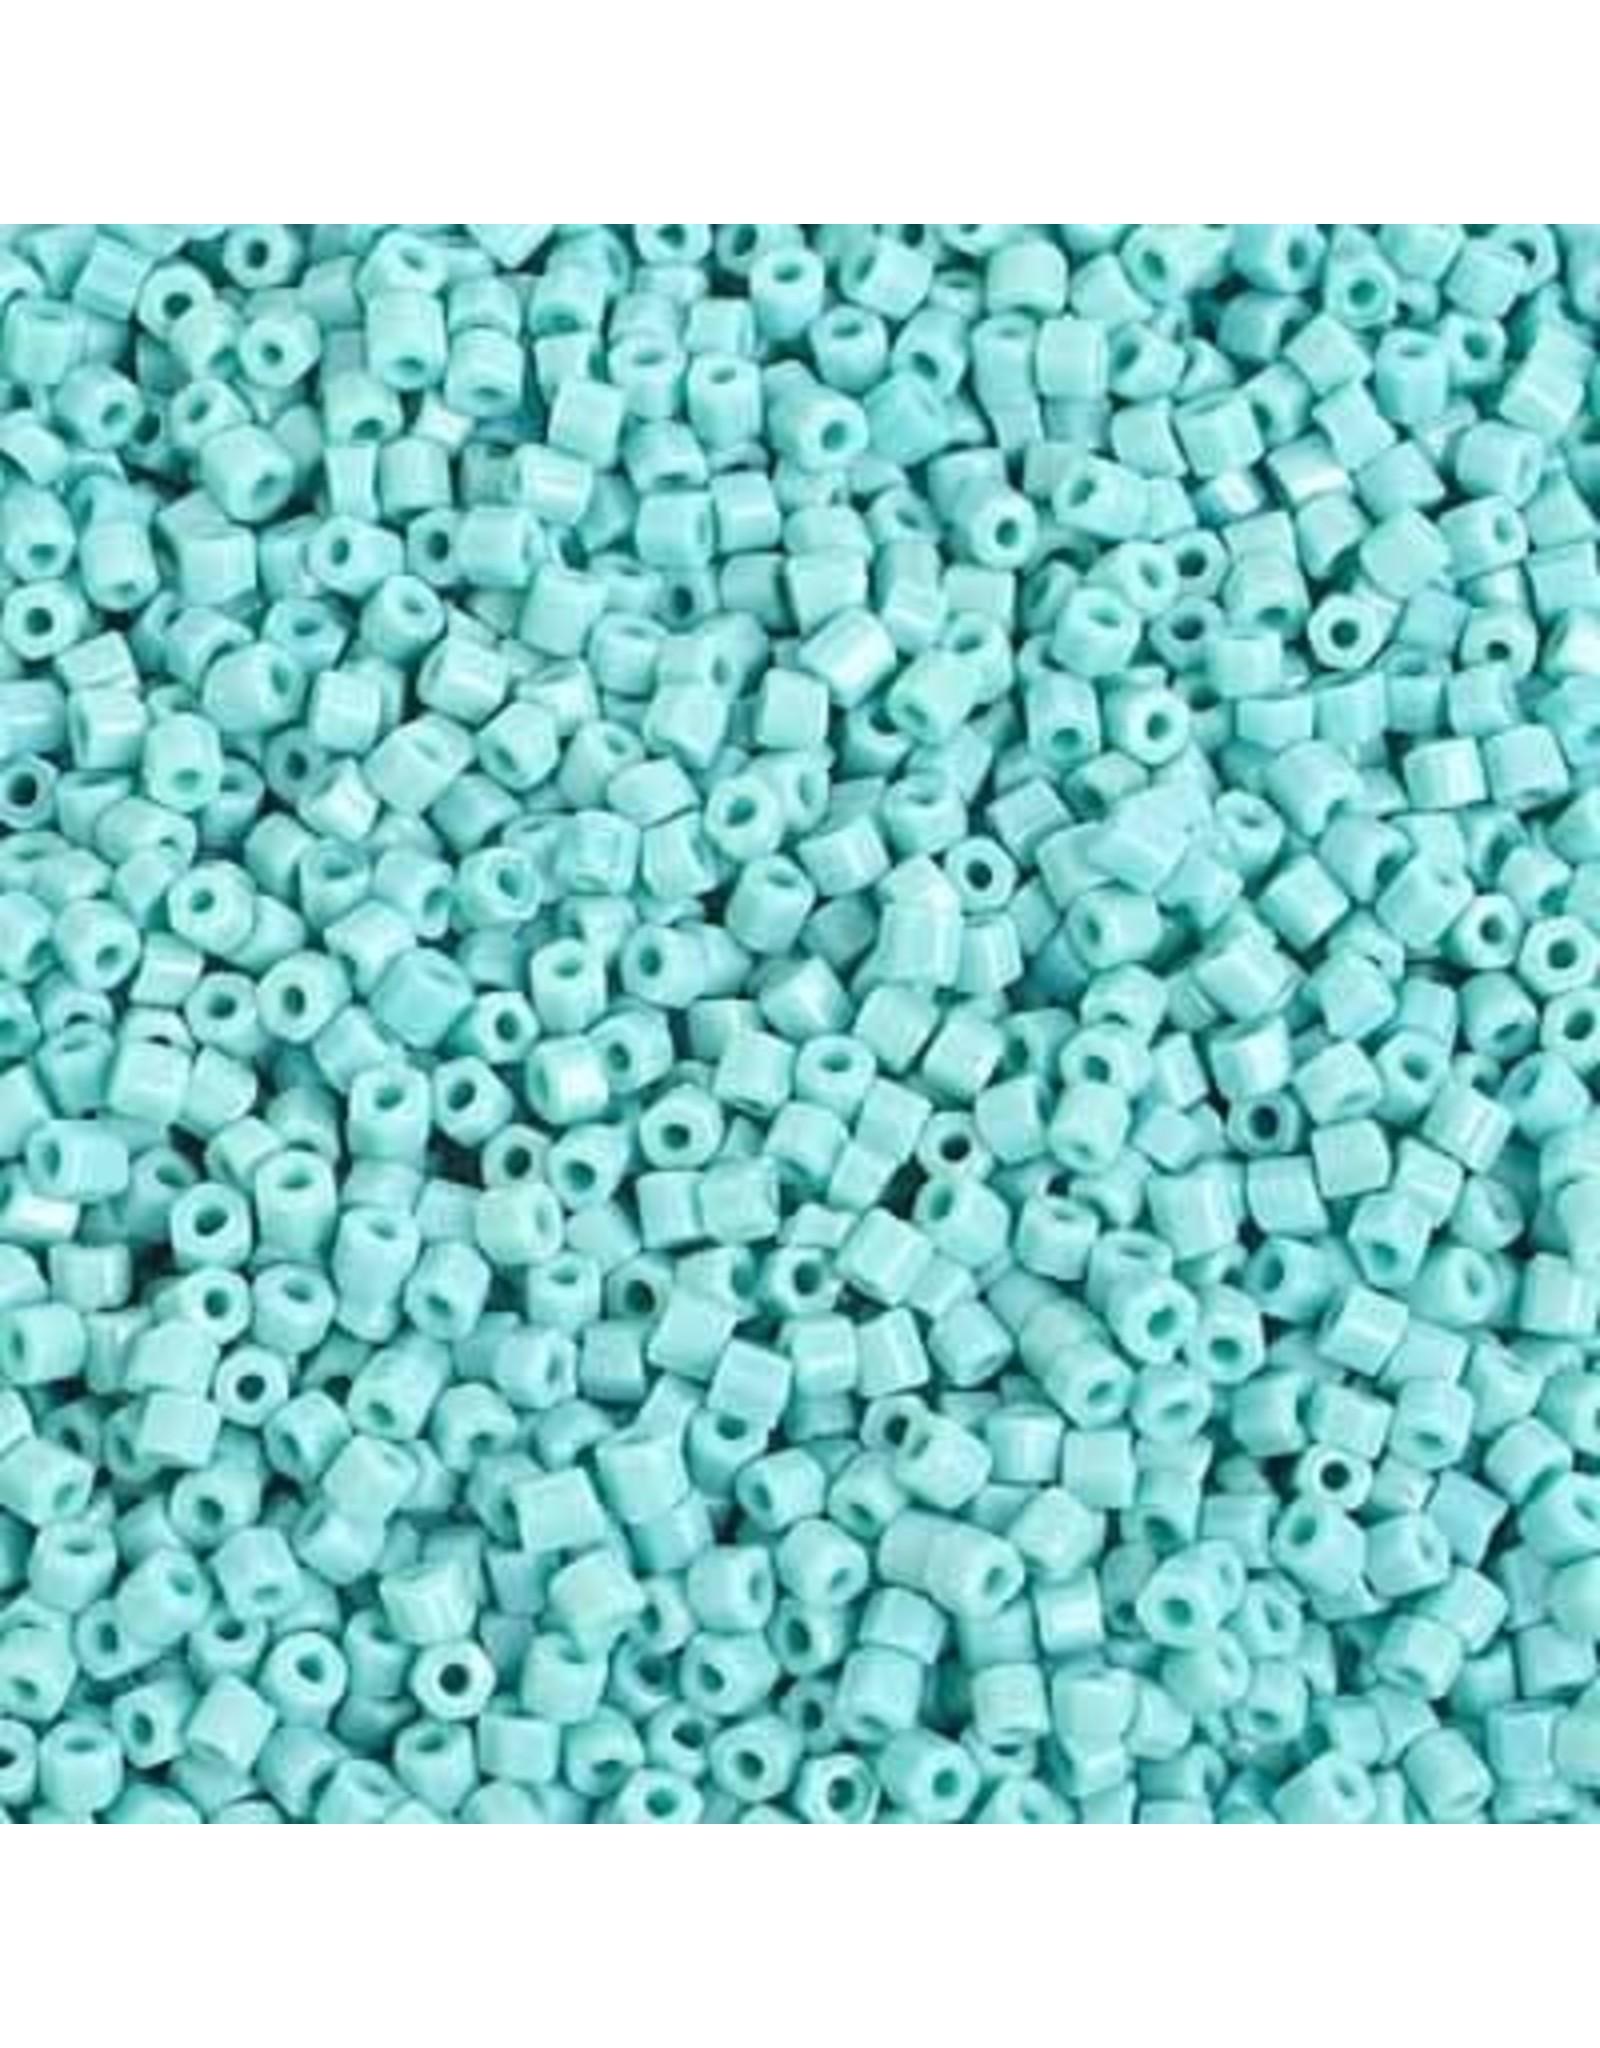 Czech 29354 10/0 2 Cut Seed Hank 20g  Opaque Turquoise Blue